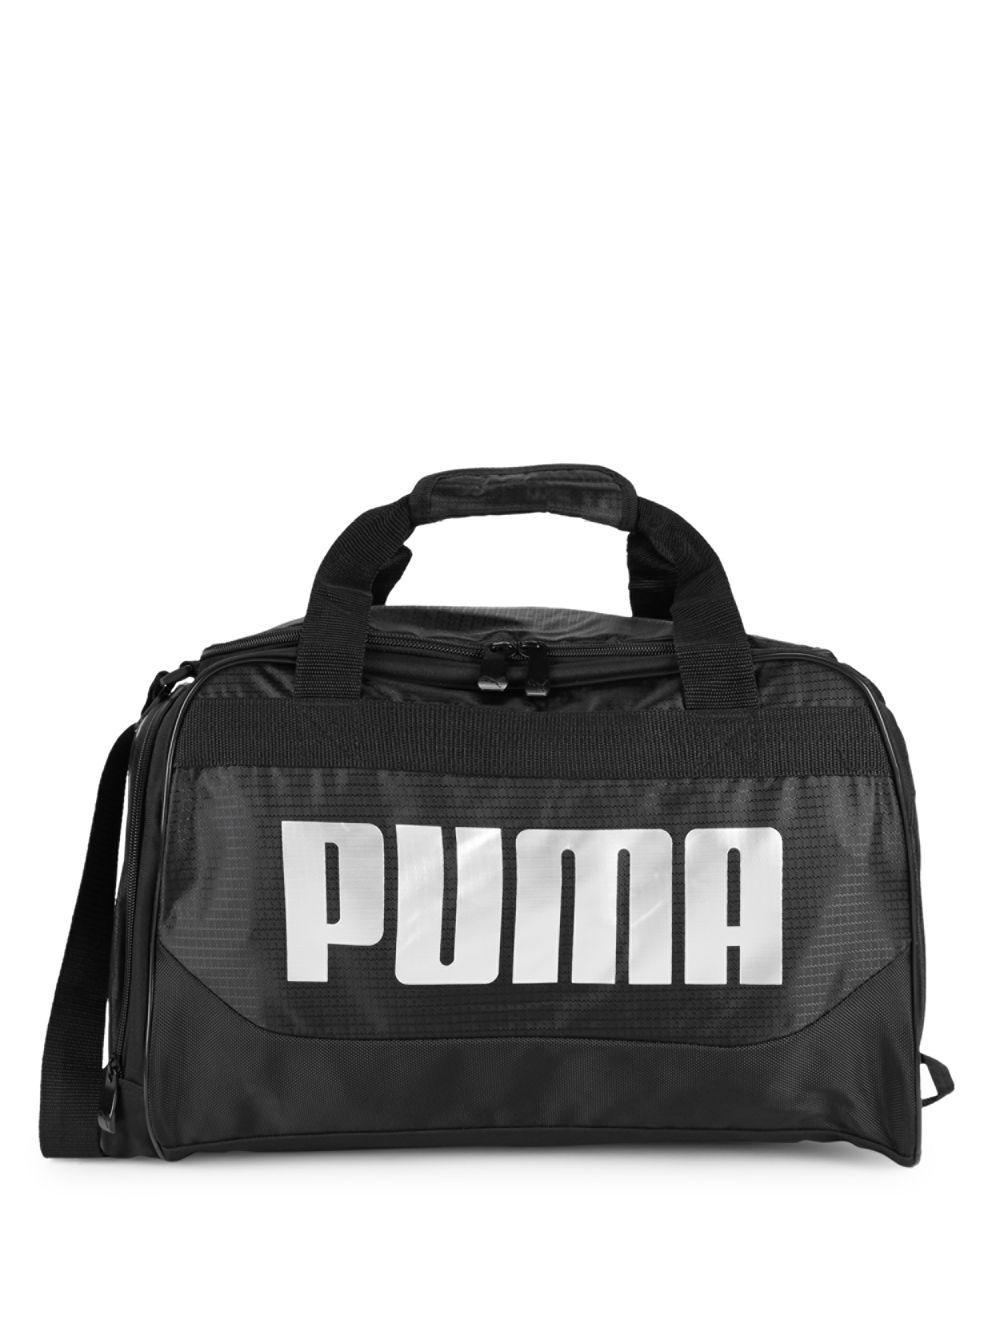 c52bf0a994 Puma Evercat Transformation 3 Duffel Bag in Black for Men - Lyst